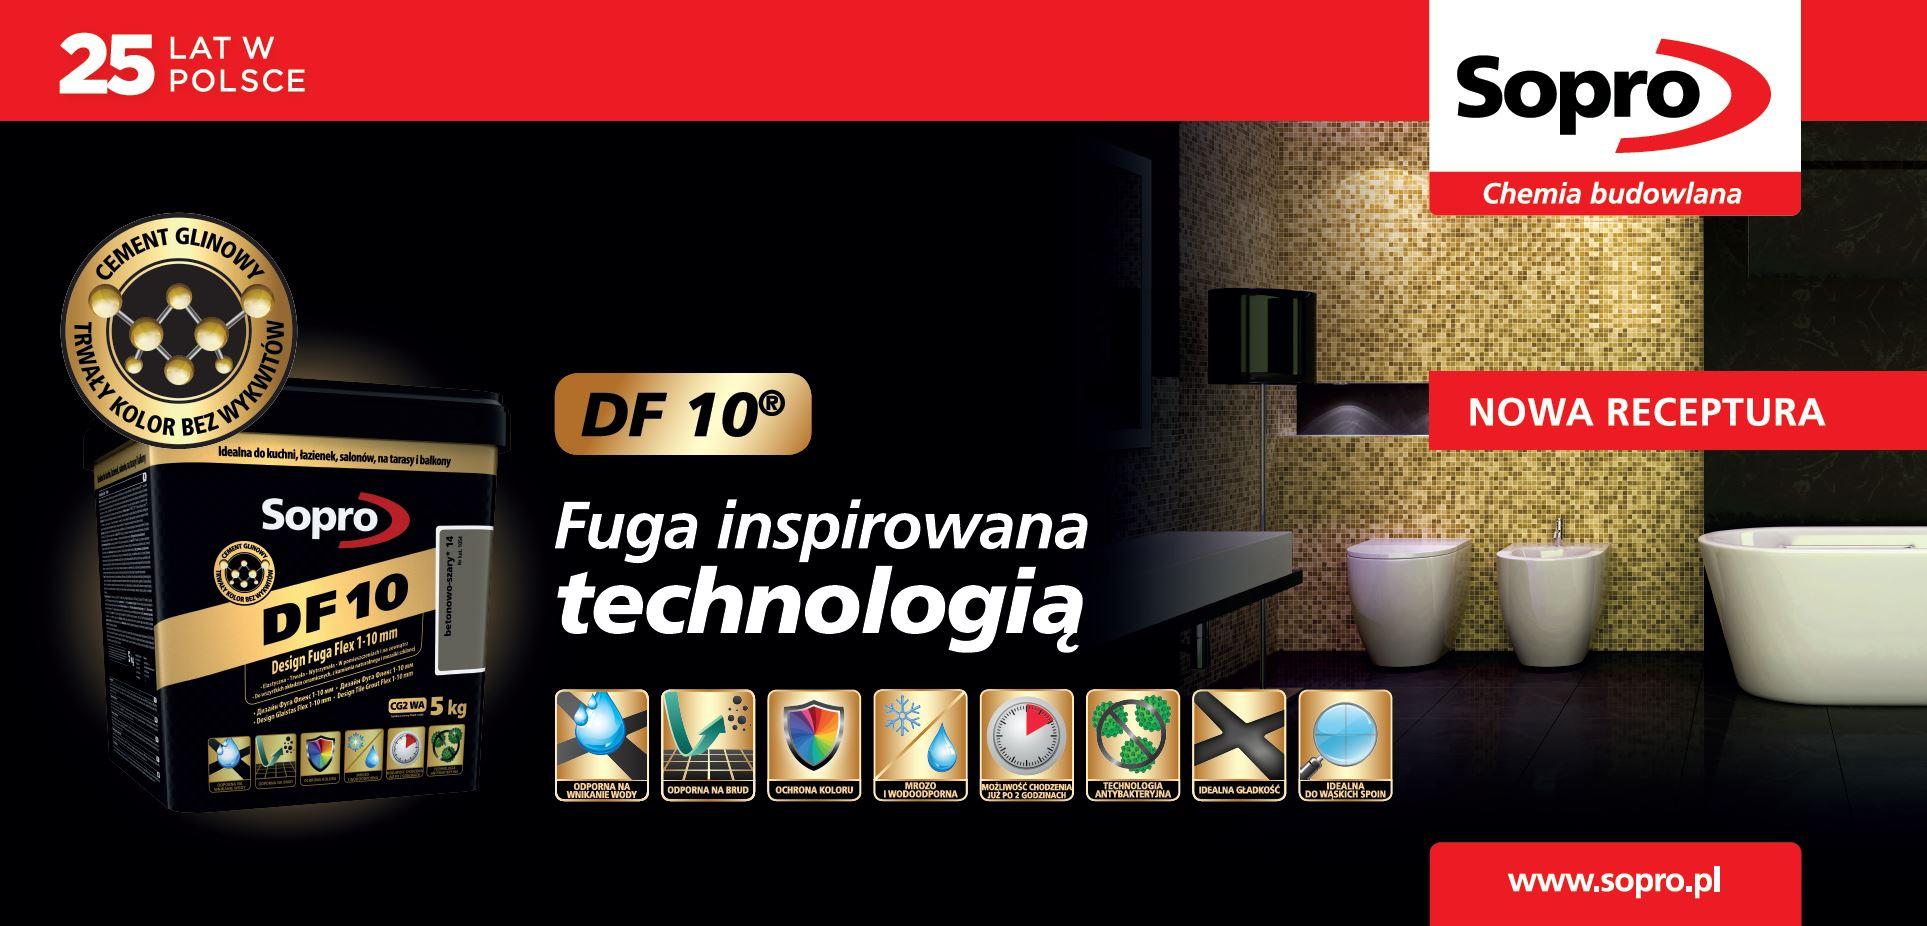 Rewolucja przez duże R. Nowa odsłona Sopro DF 10 – fugi inspirowanej technologią